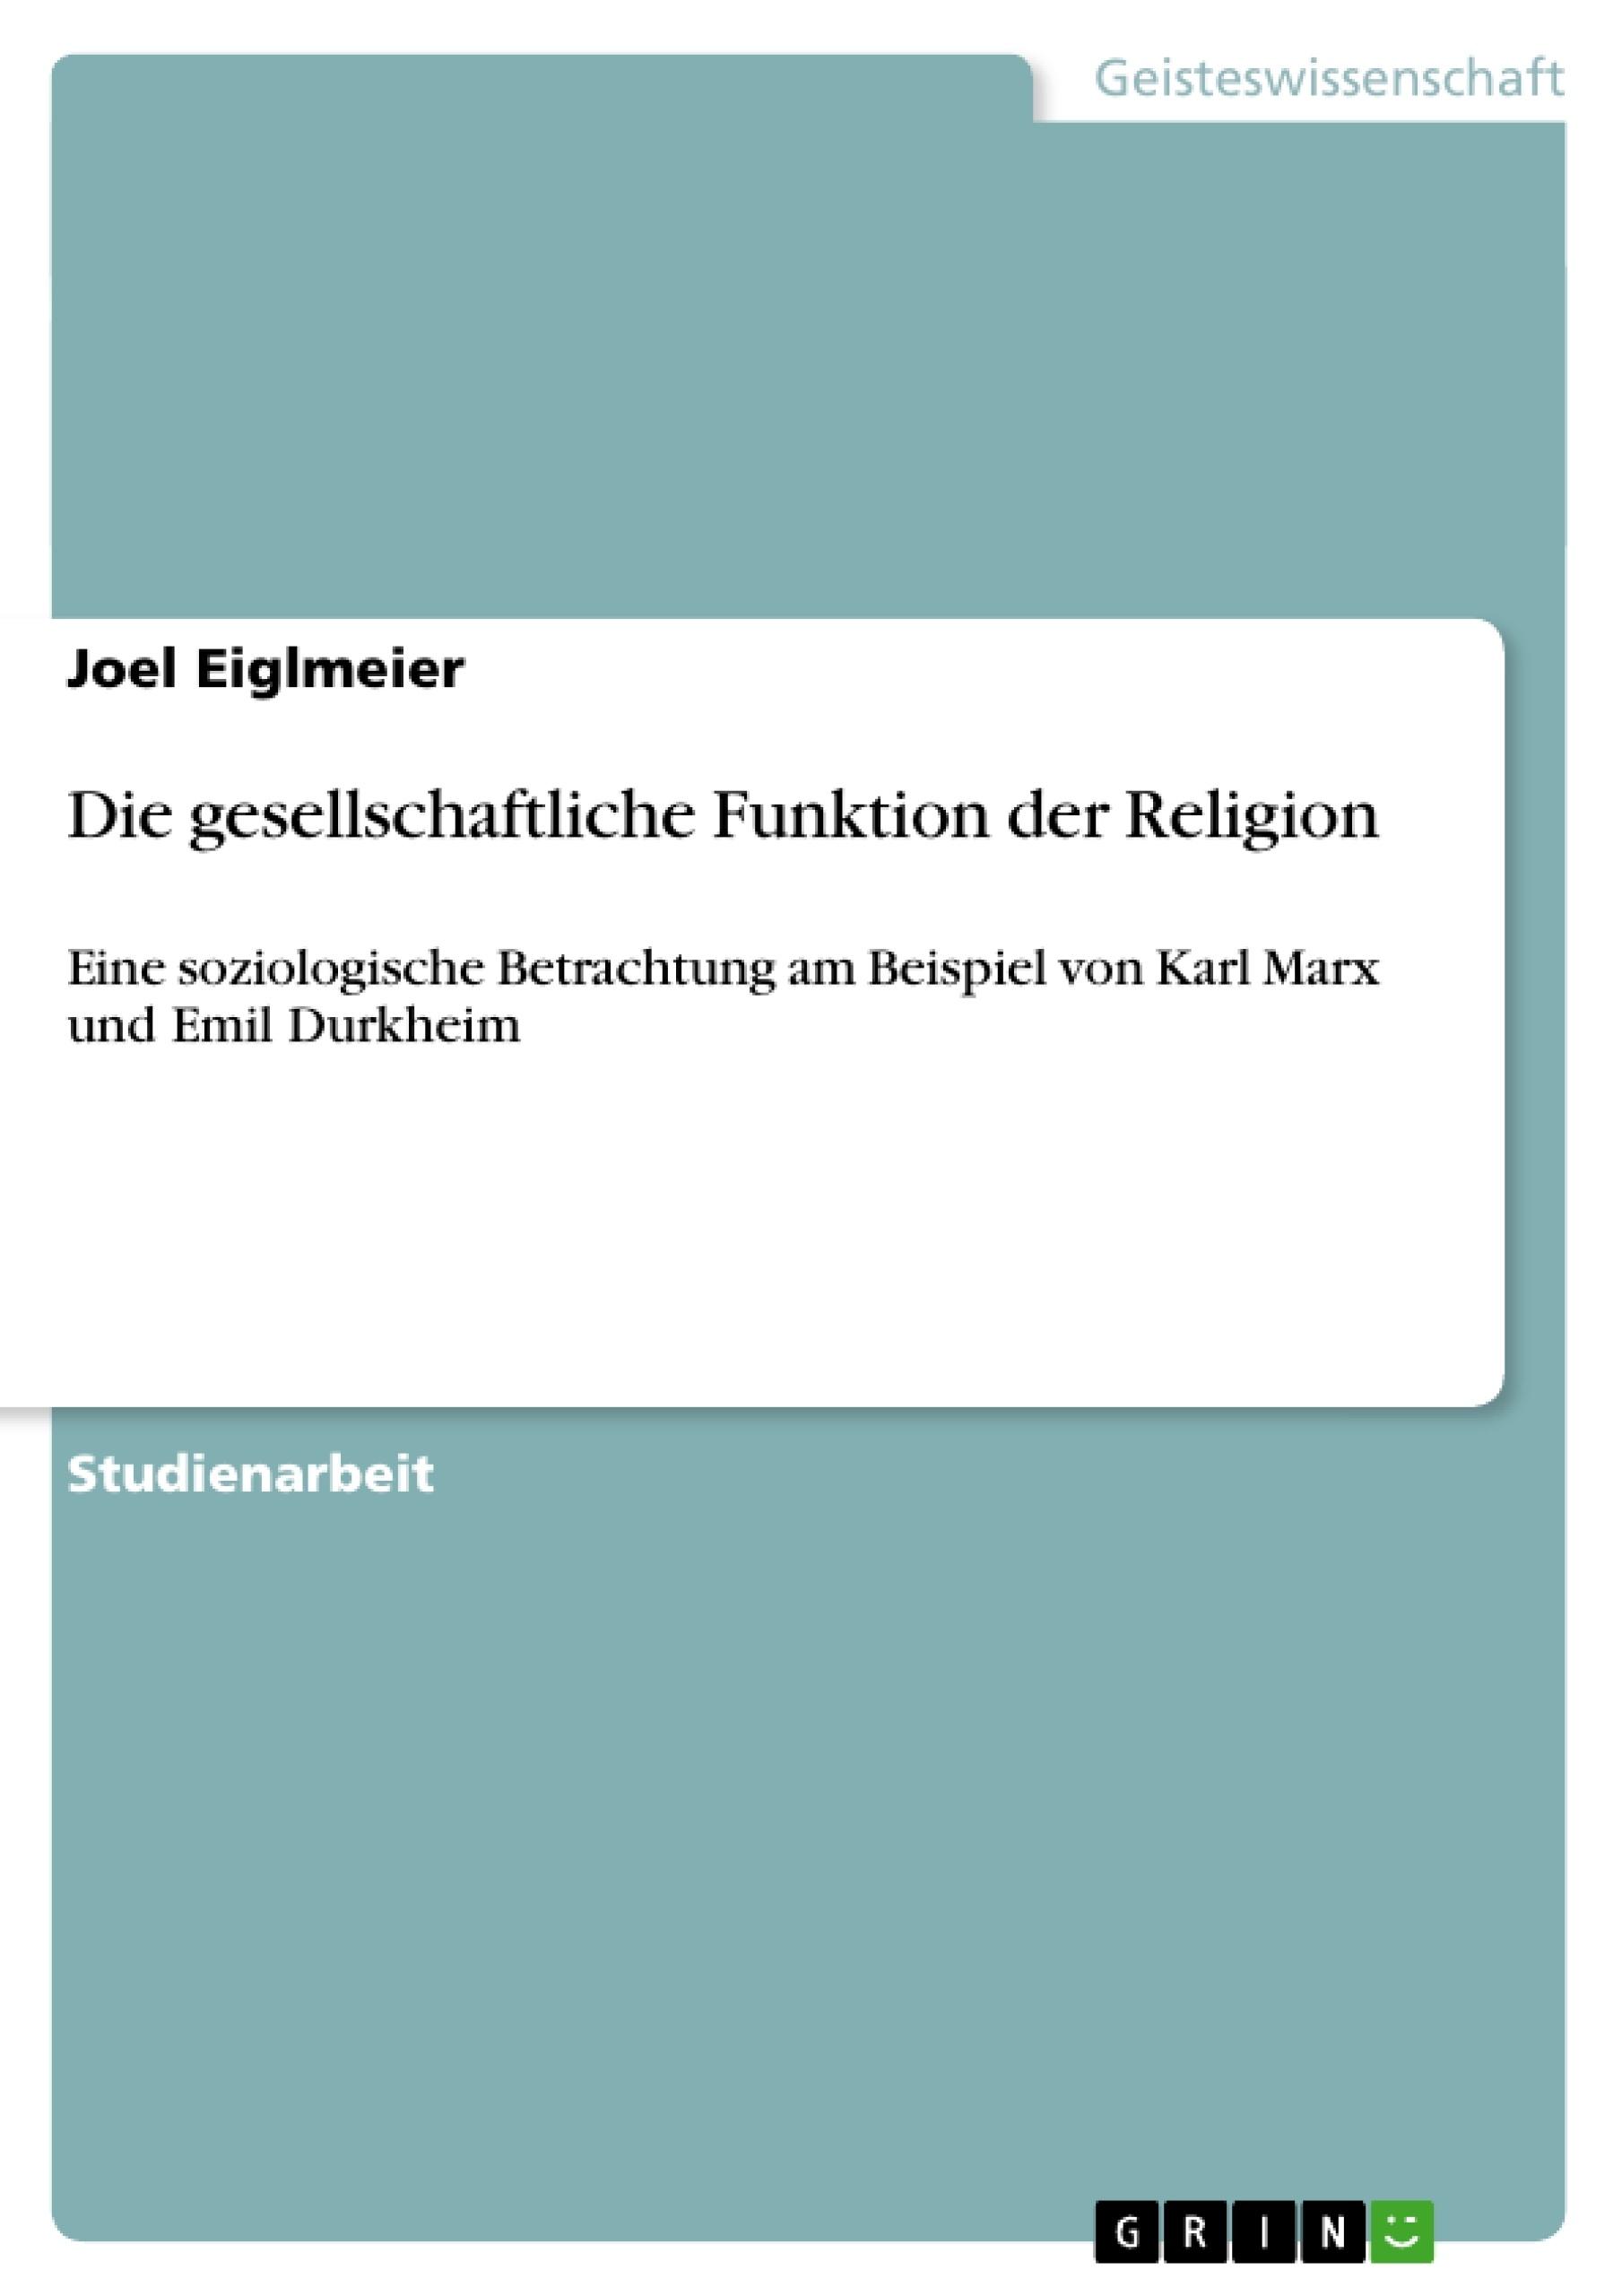 Titel: Die gesellschaftliche Funktion der Religion